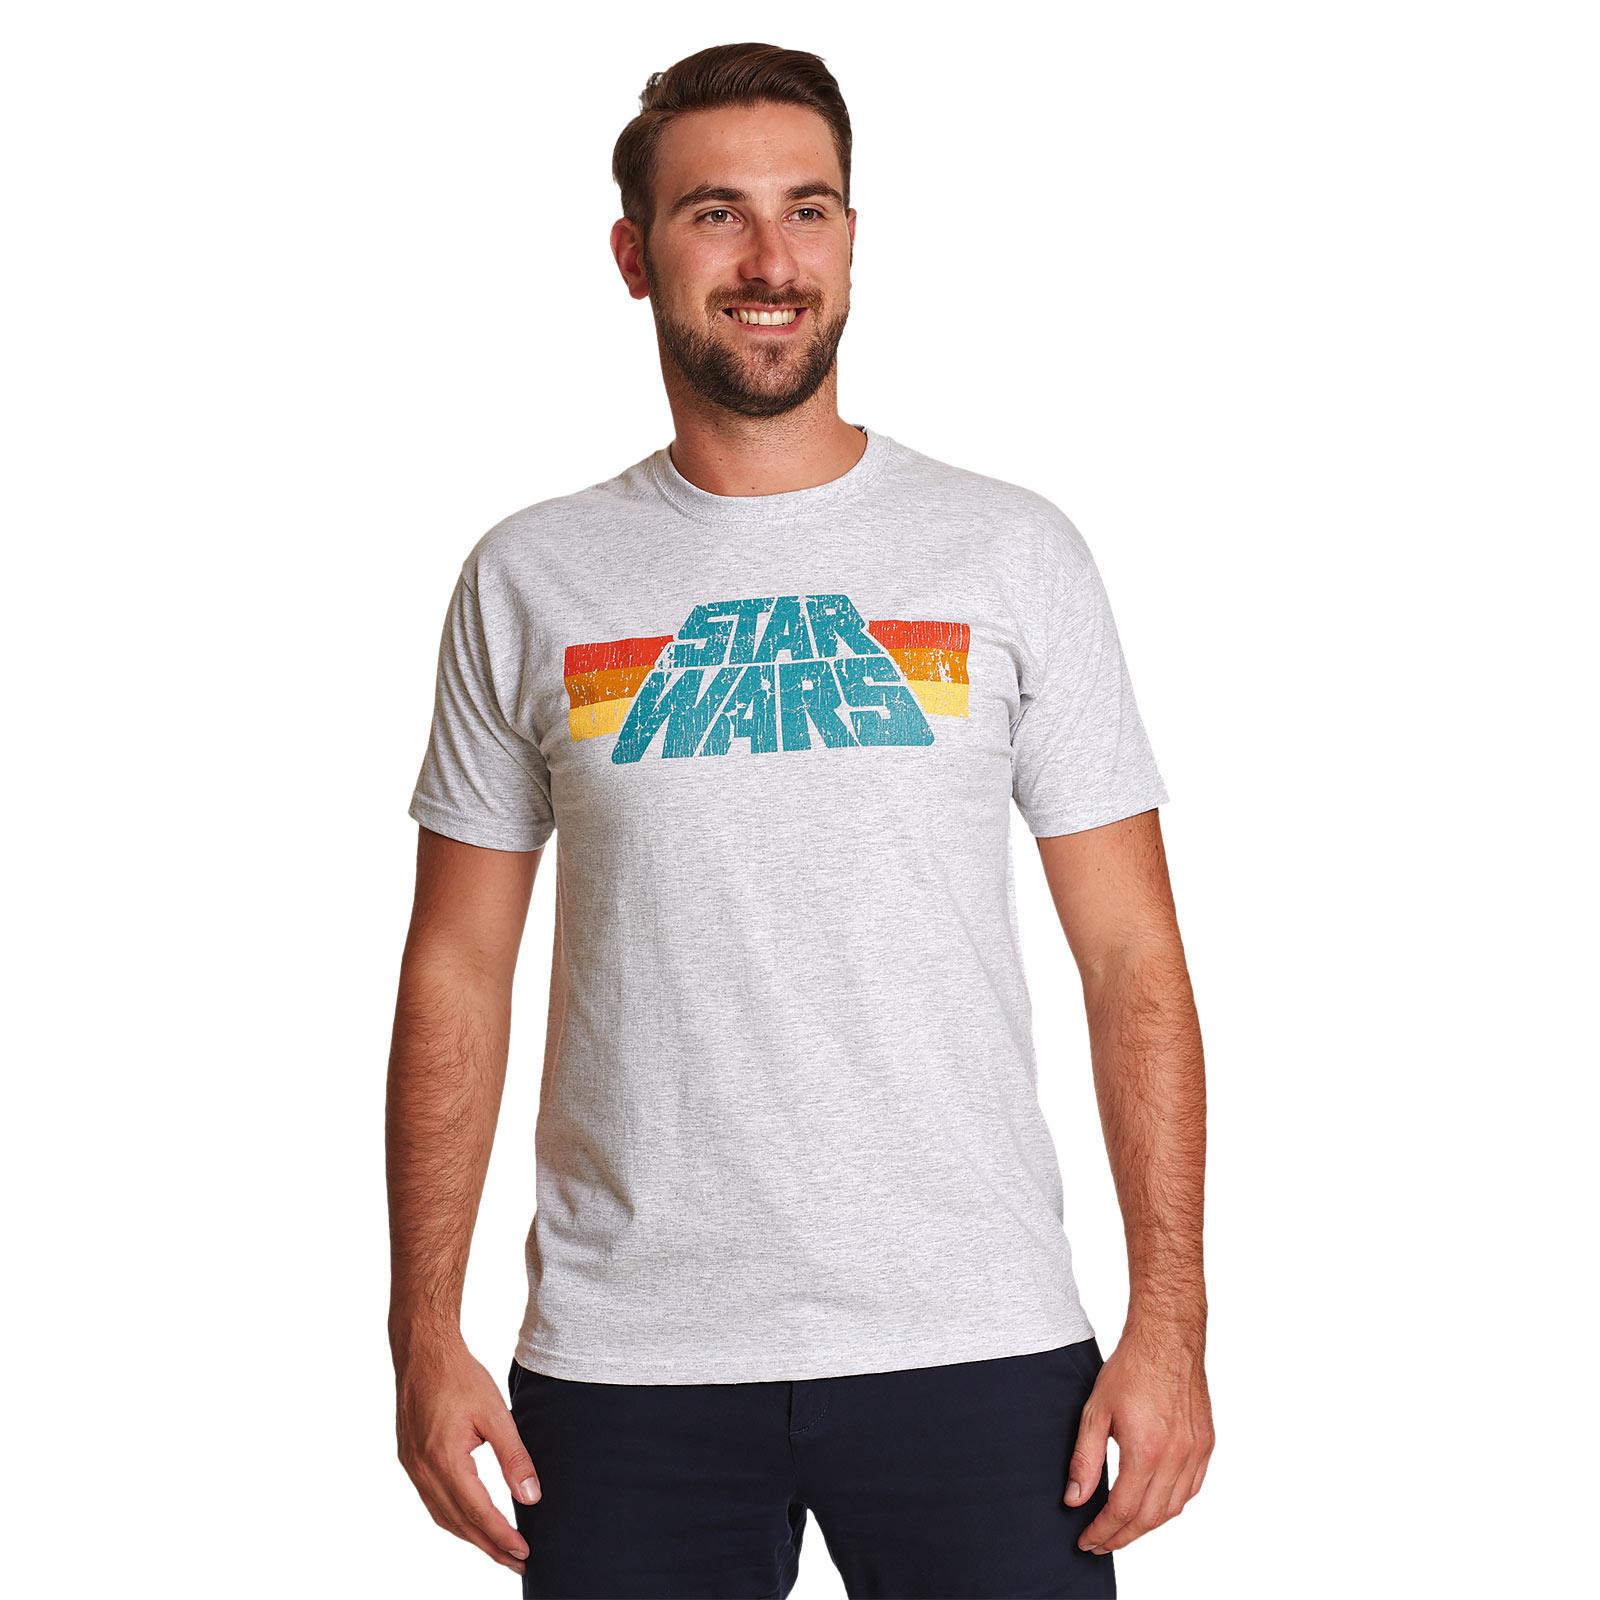 Star Wars - Vintage 77 Logo T-Shirt grau